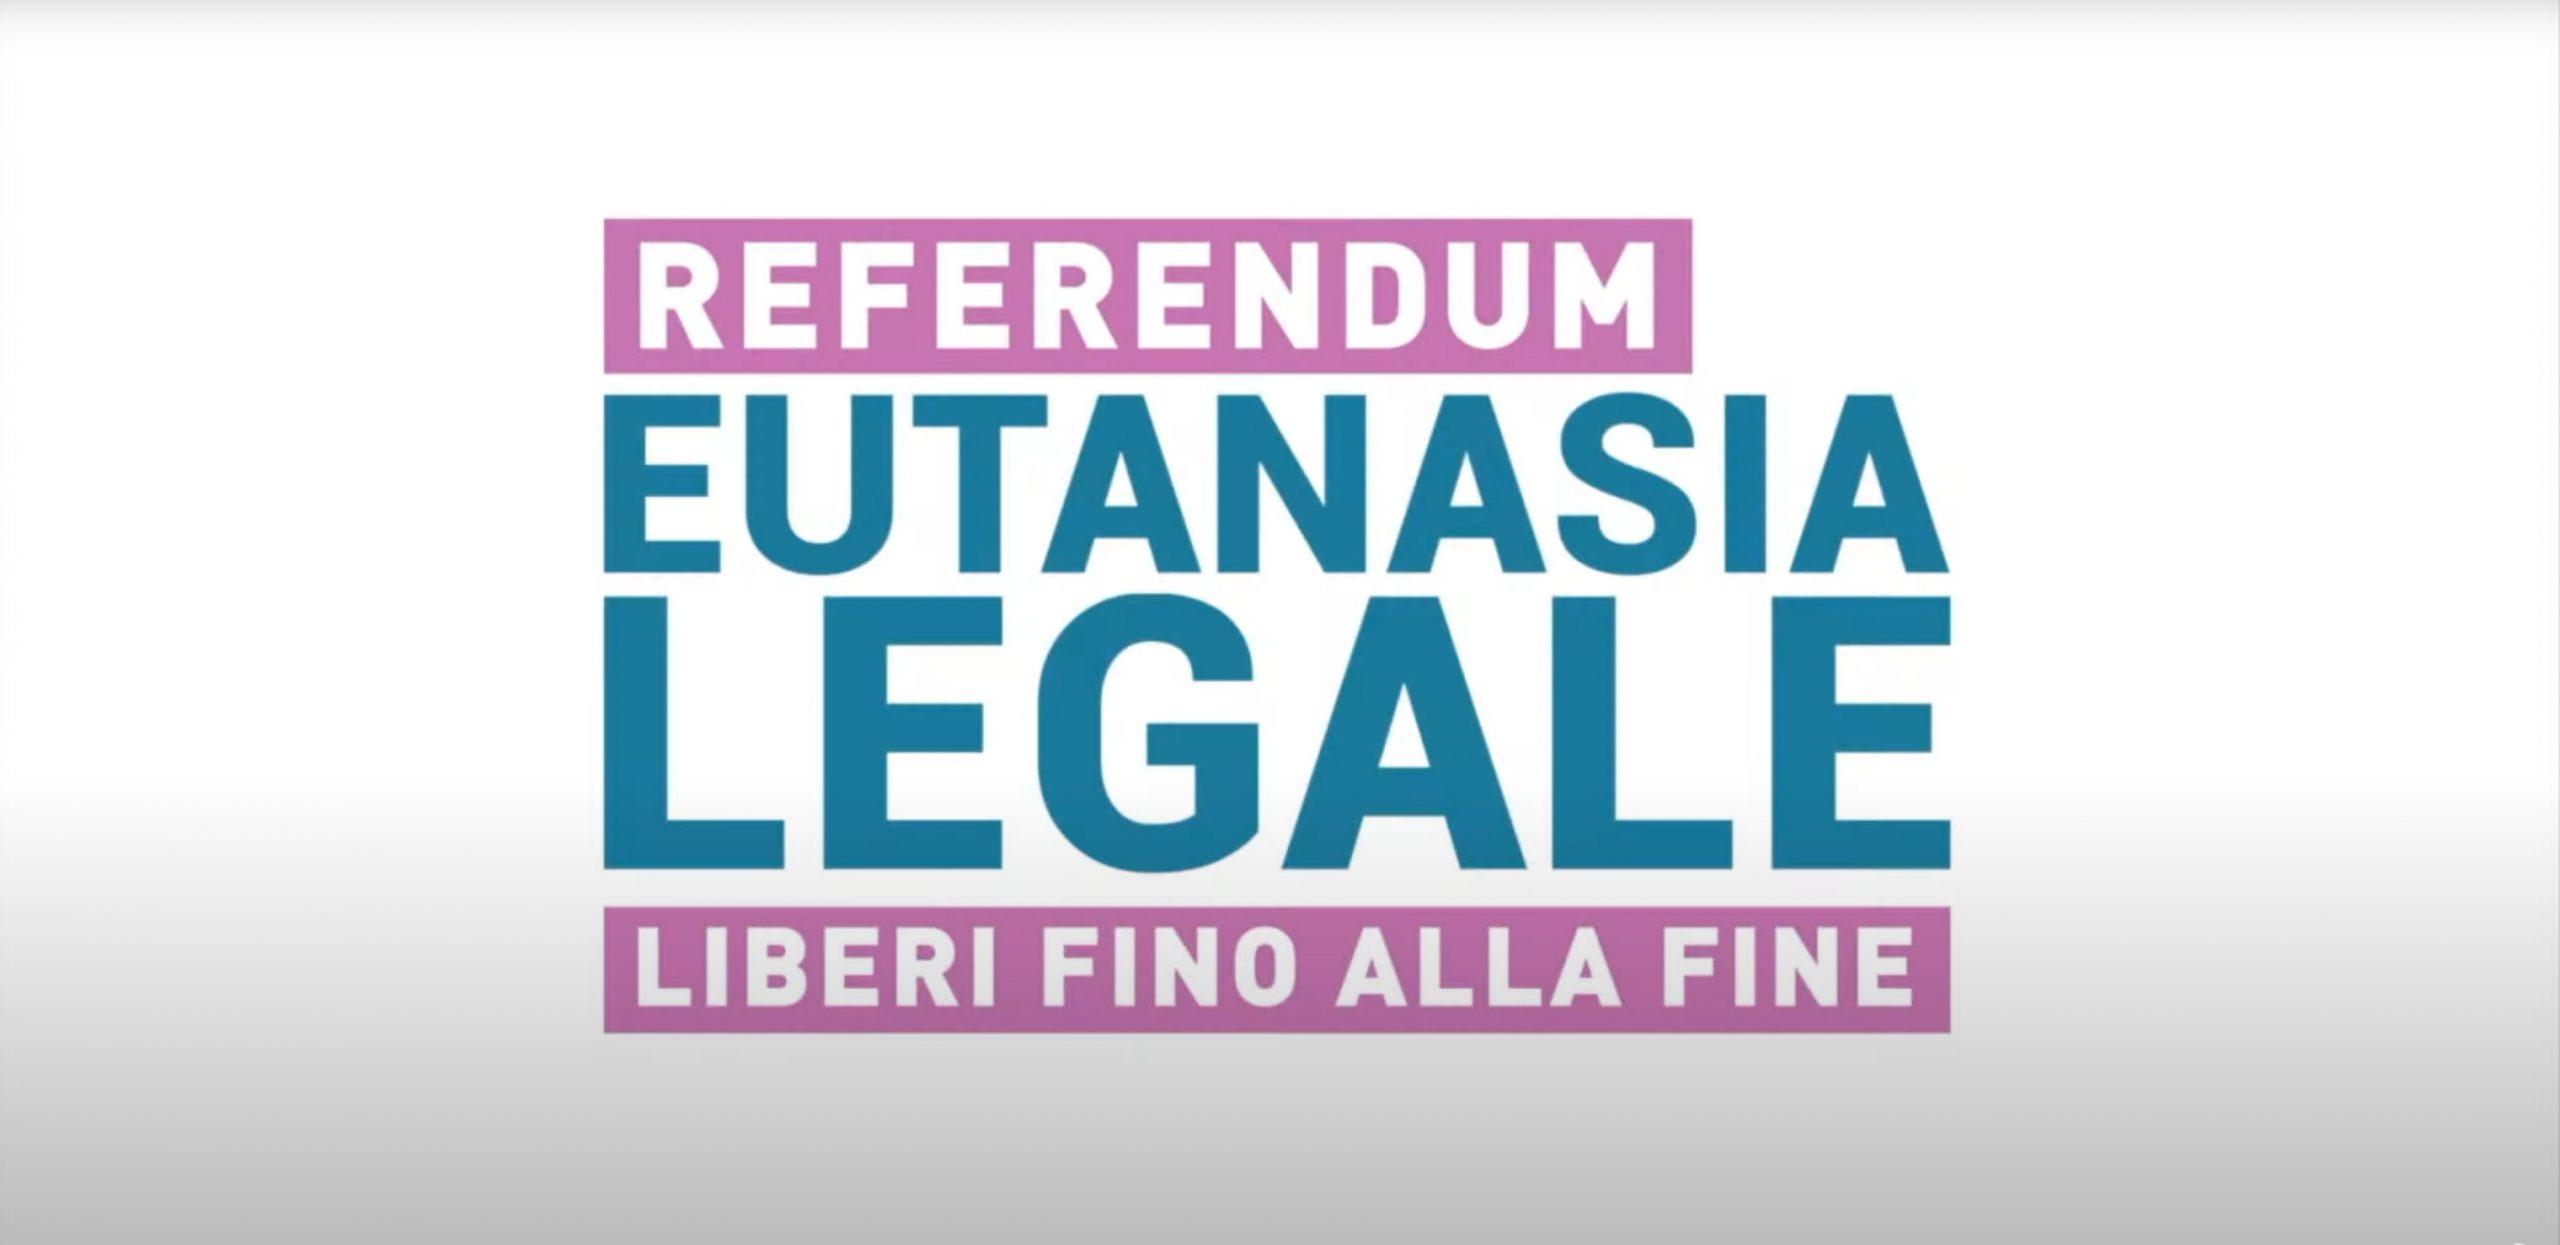 Associazione Luca Coscioni – Firma Digitale per Referendum Eutanasia Legale